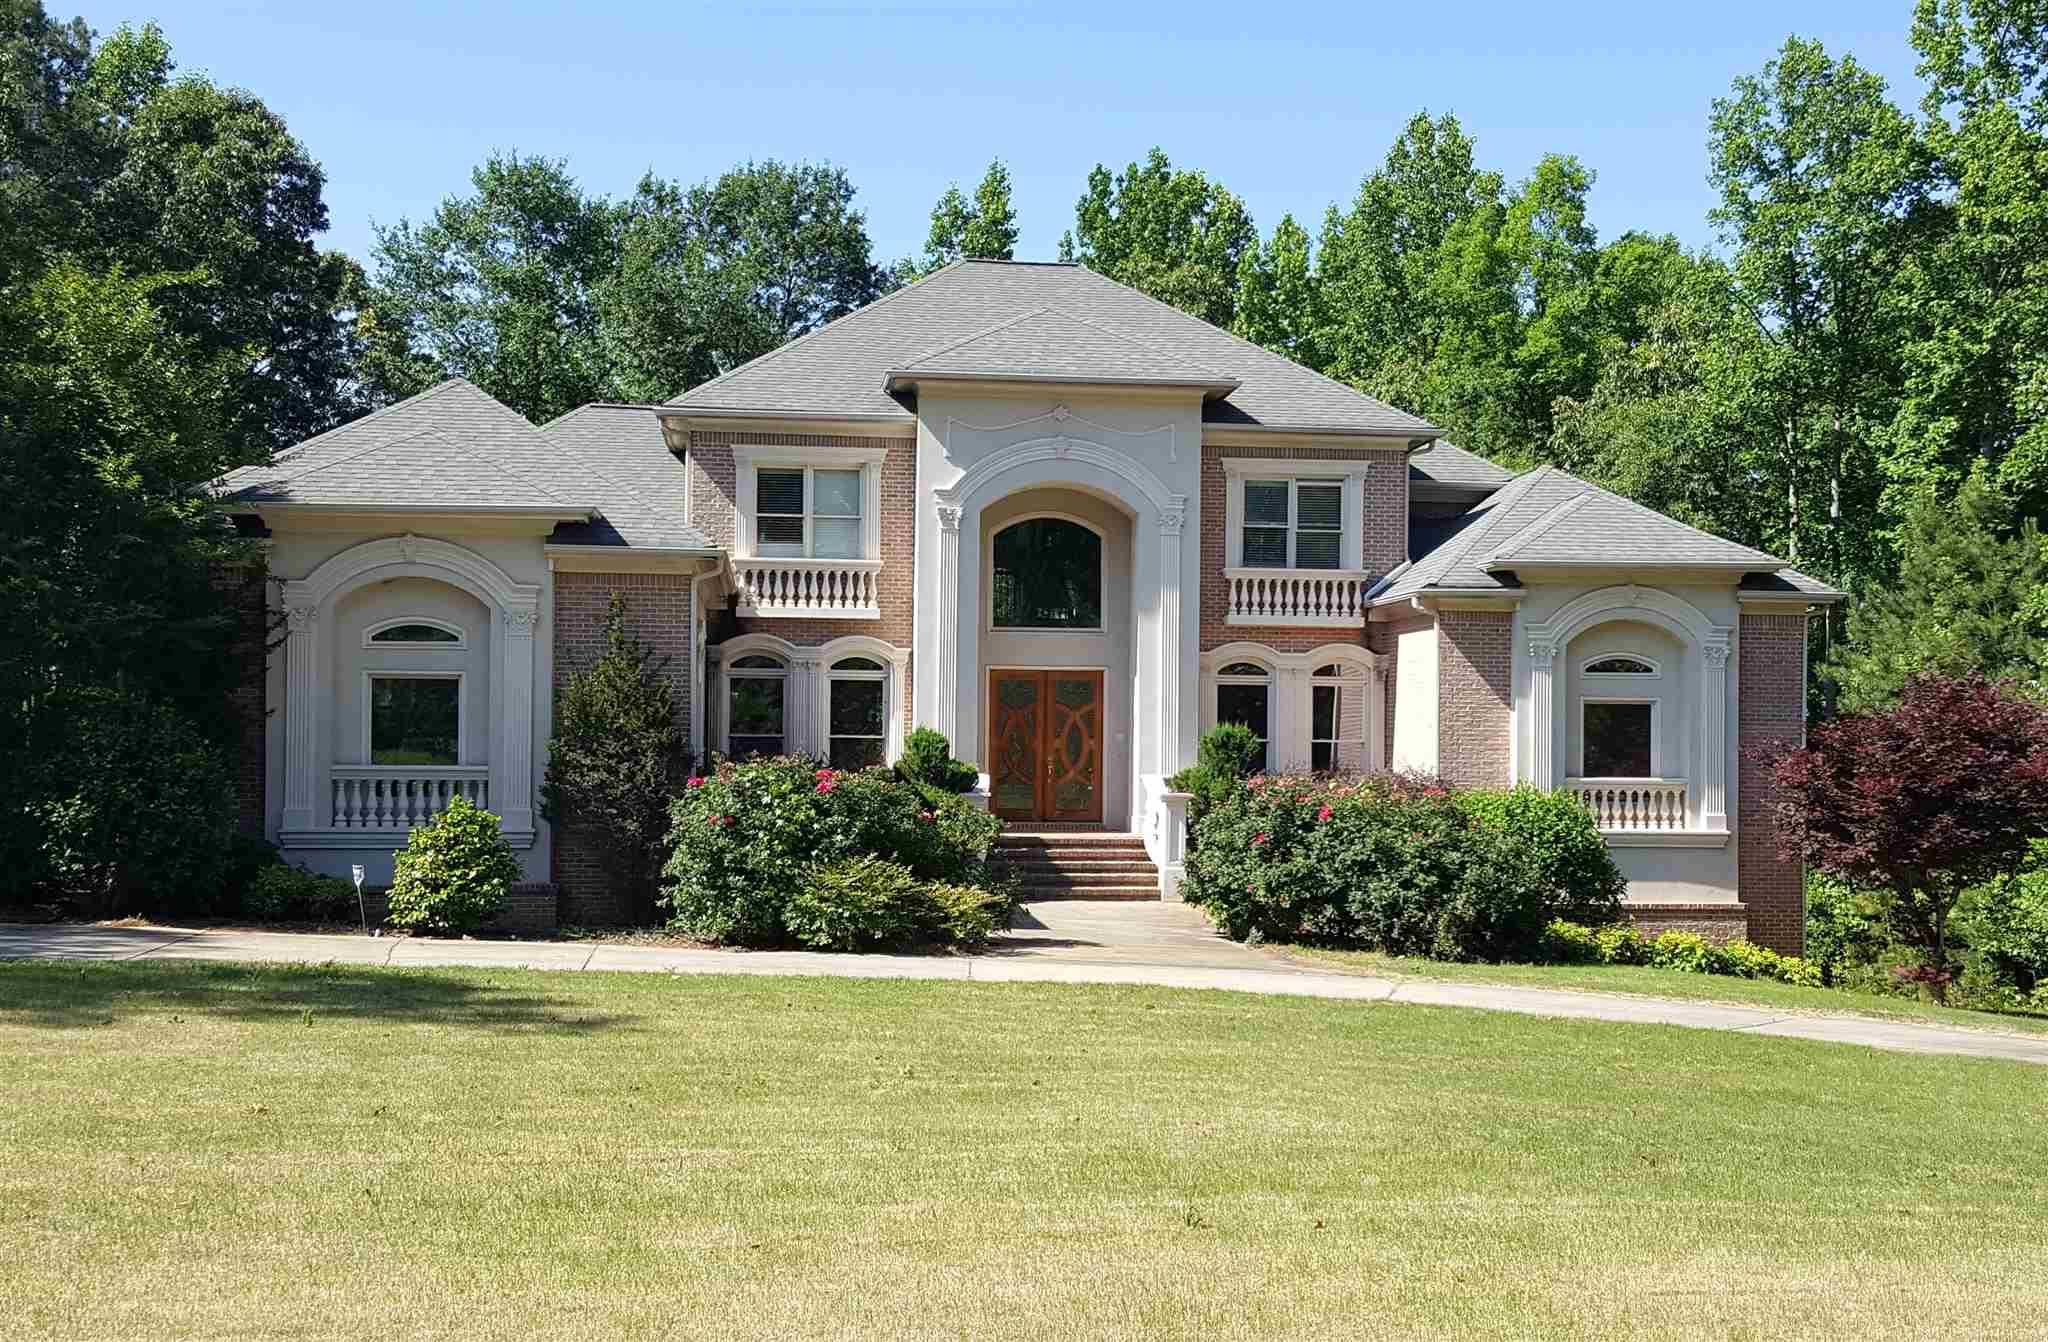 105 tharps trce ellenwood ga 30294 estimate and home details